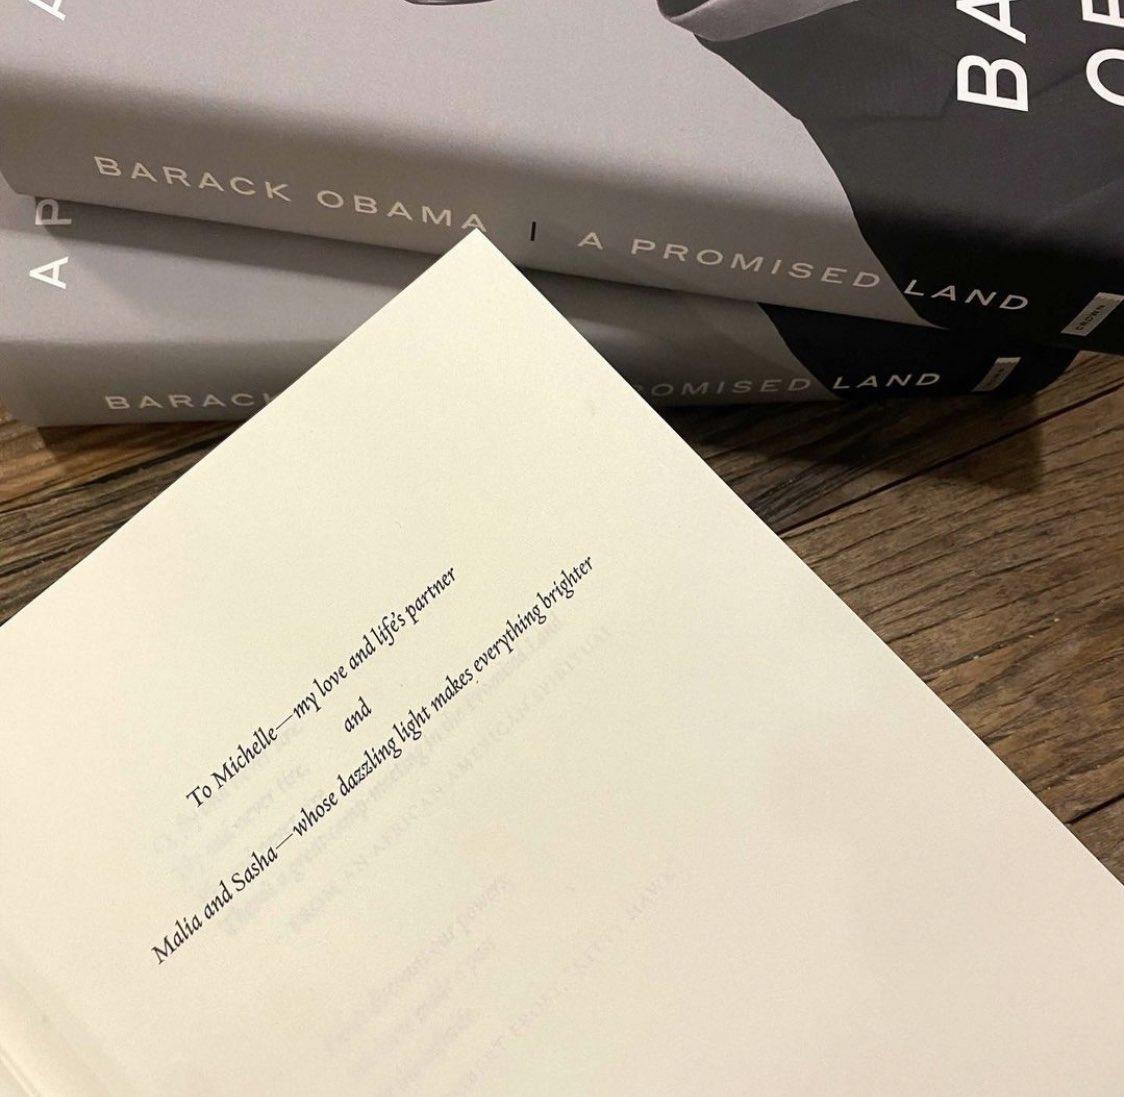 Hemos leído y visto el documental de #MichelleObama: #IamBecoming; a partir del jueves será el turno de #BarackObama: #APromisedLand 📖 ¿Quién va a querer leerlo?   #bookclub #cómplicesclubdelectura